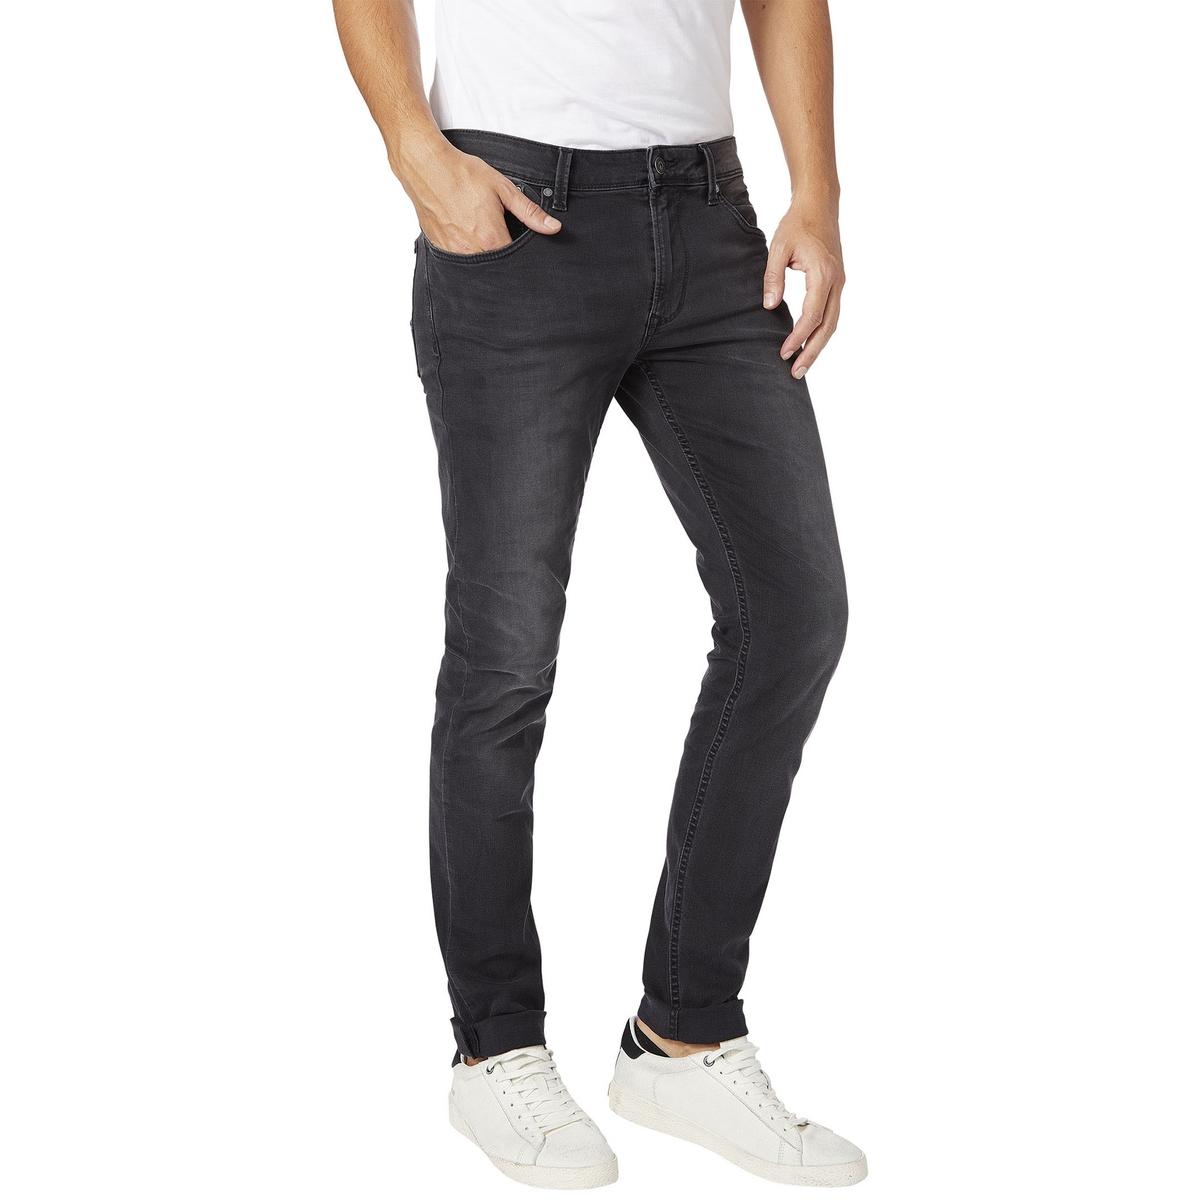 Джинсы-скинни FINSBURY current elliott укороченные джинсы скинни